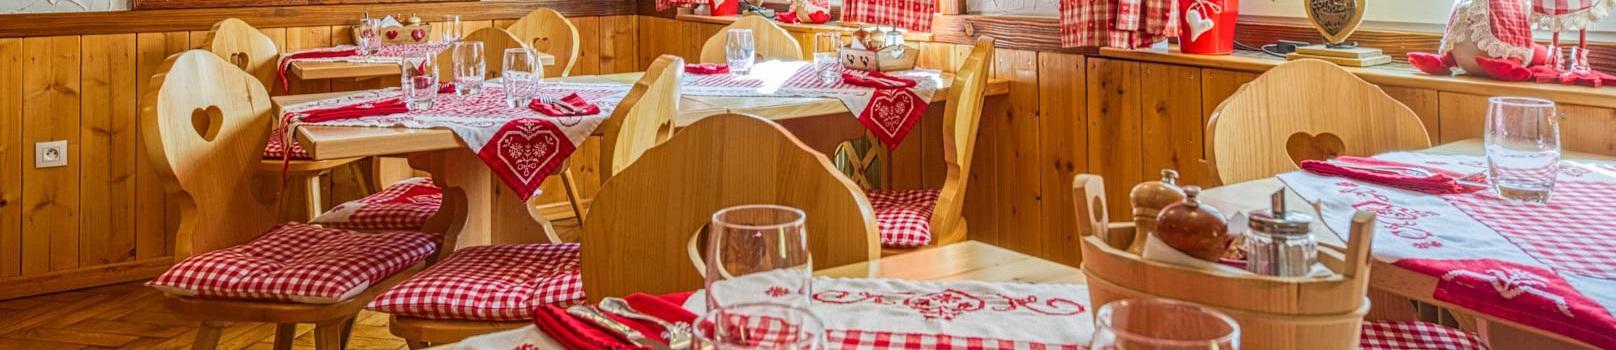 La salle du restaurant ensoleillée et tout en bois.